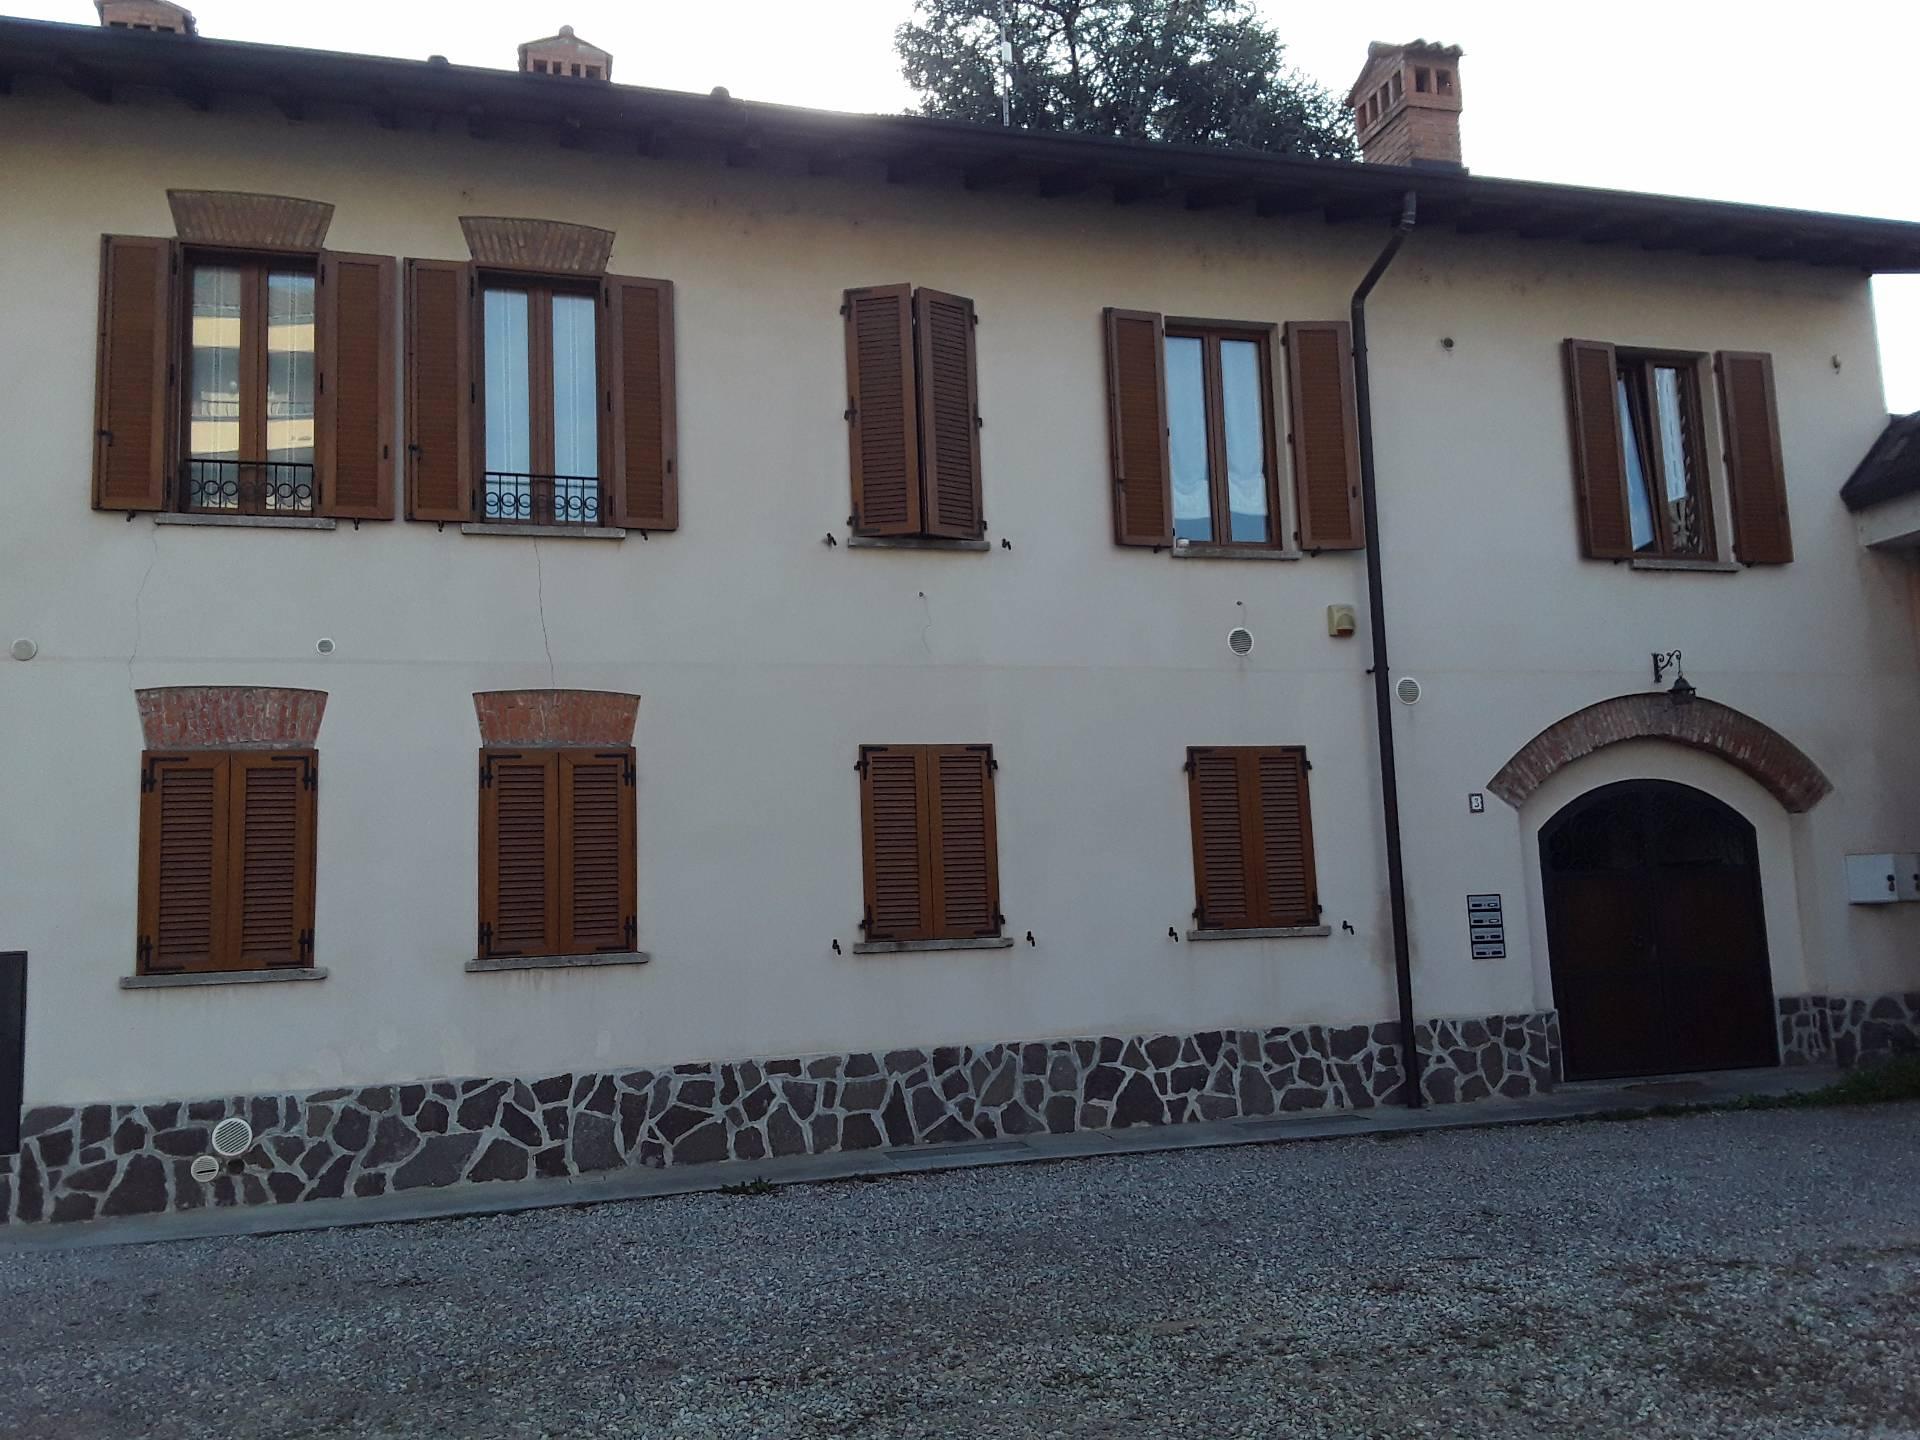 Appartamento in affitto a Parabiago, 3 locali, zona Località: SanLorenzo, prezzo € 500 | CambioCasa.it